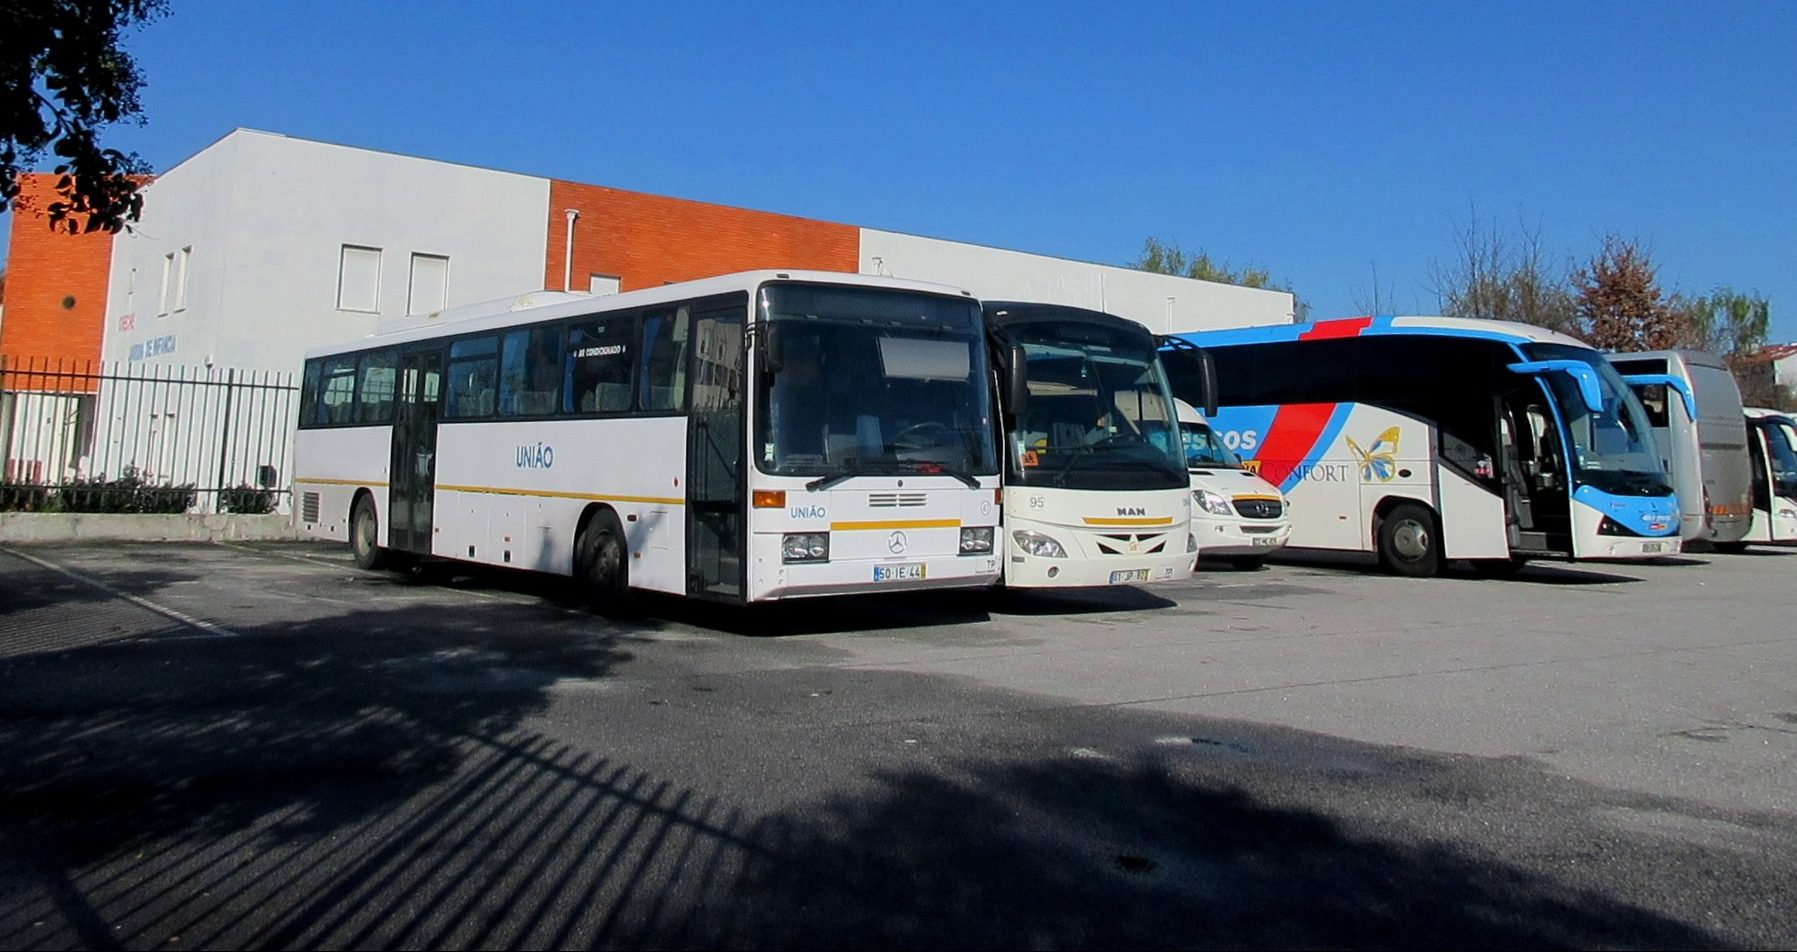 População de Boaldeia, Farminhão e Torredeita descontente com ligações de autocarro